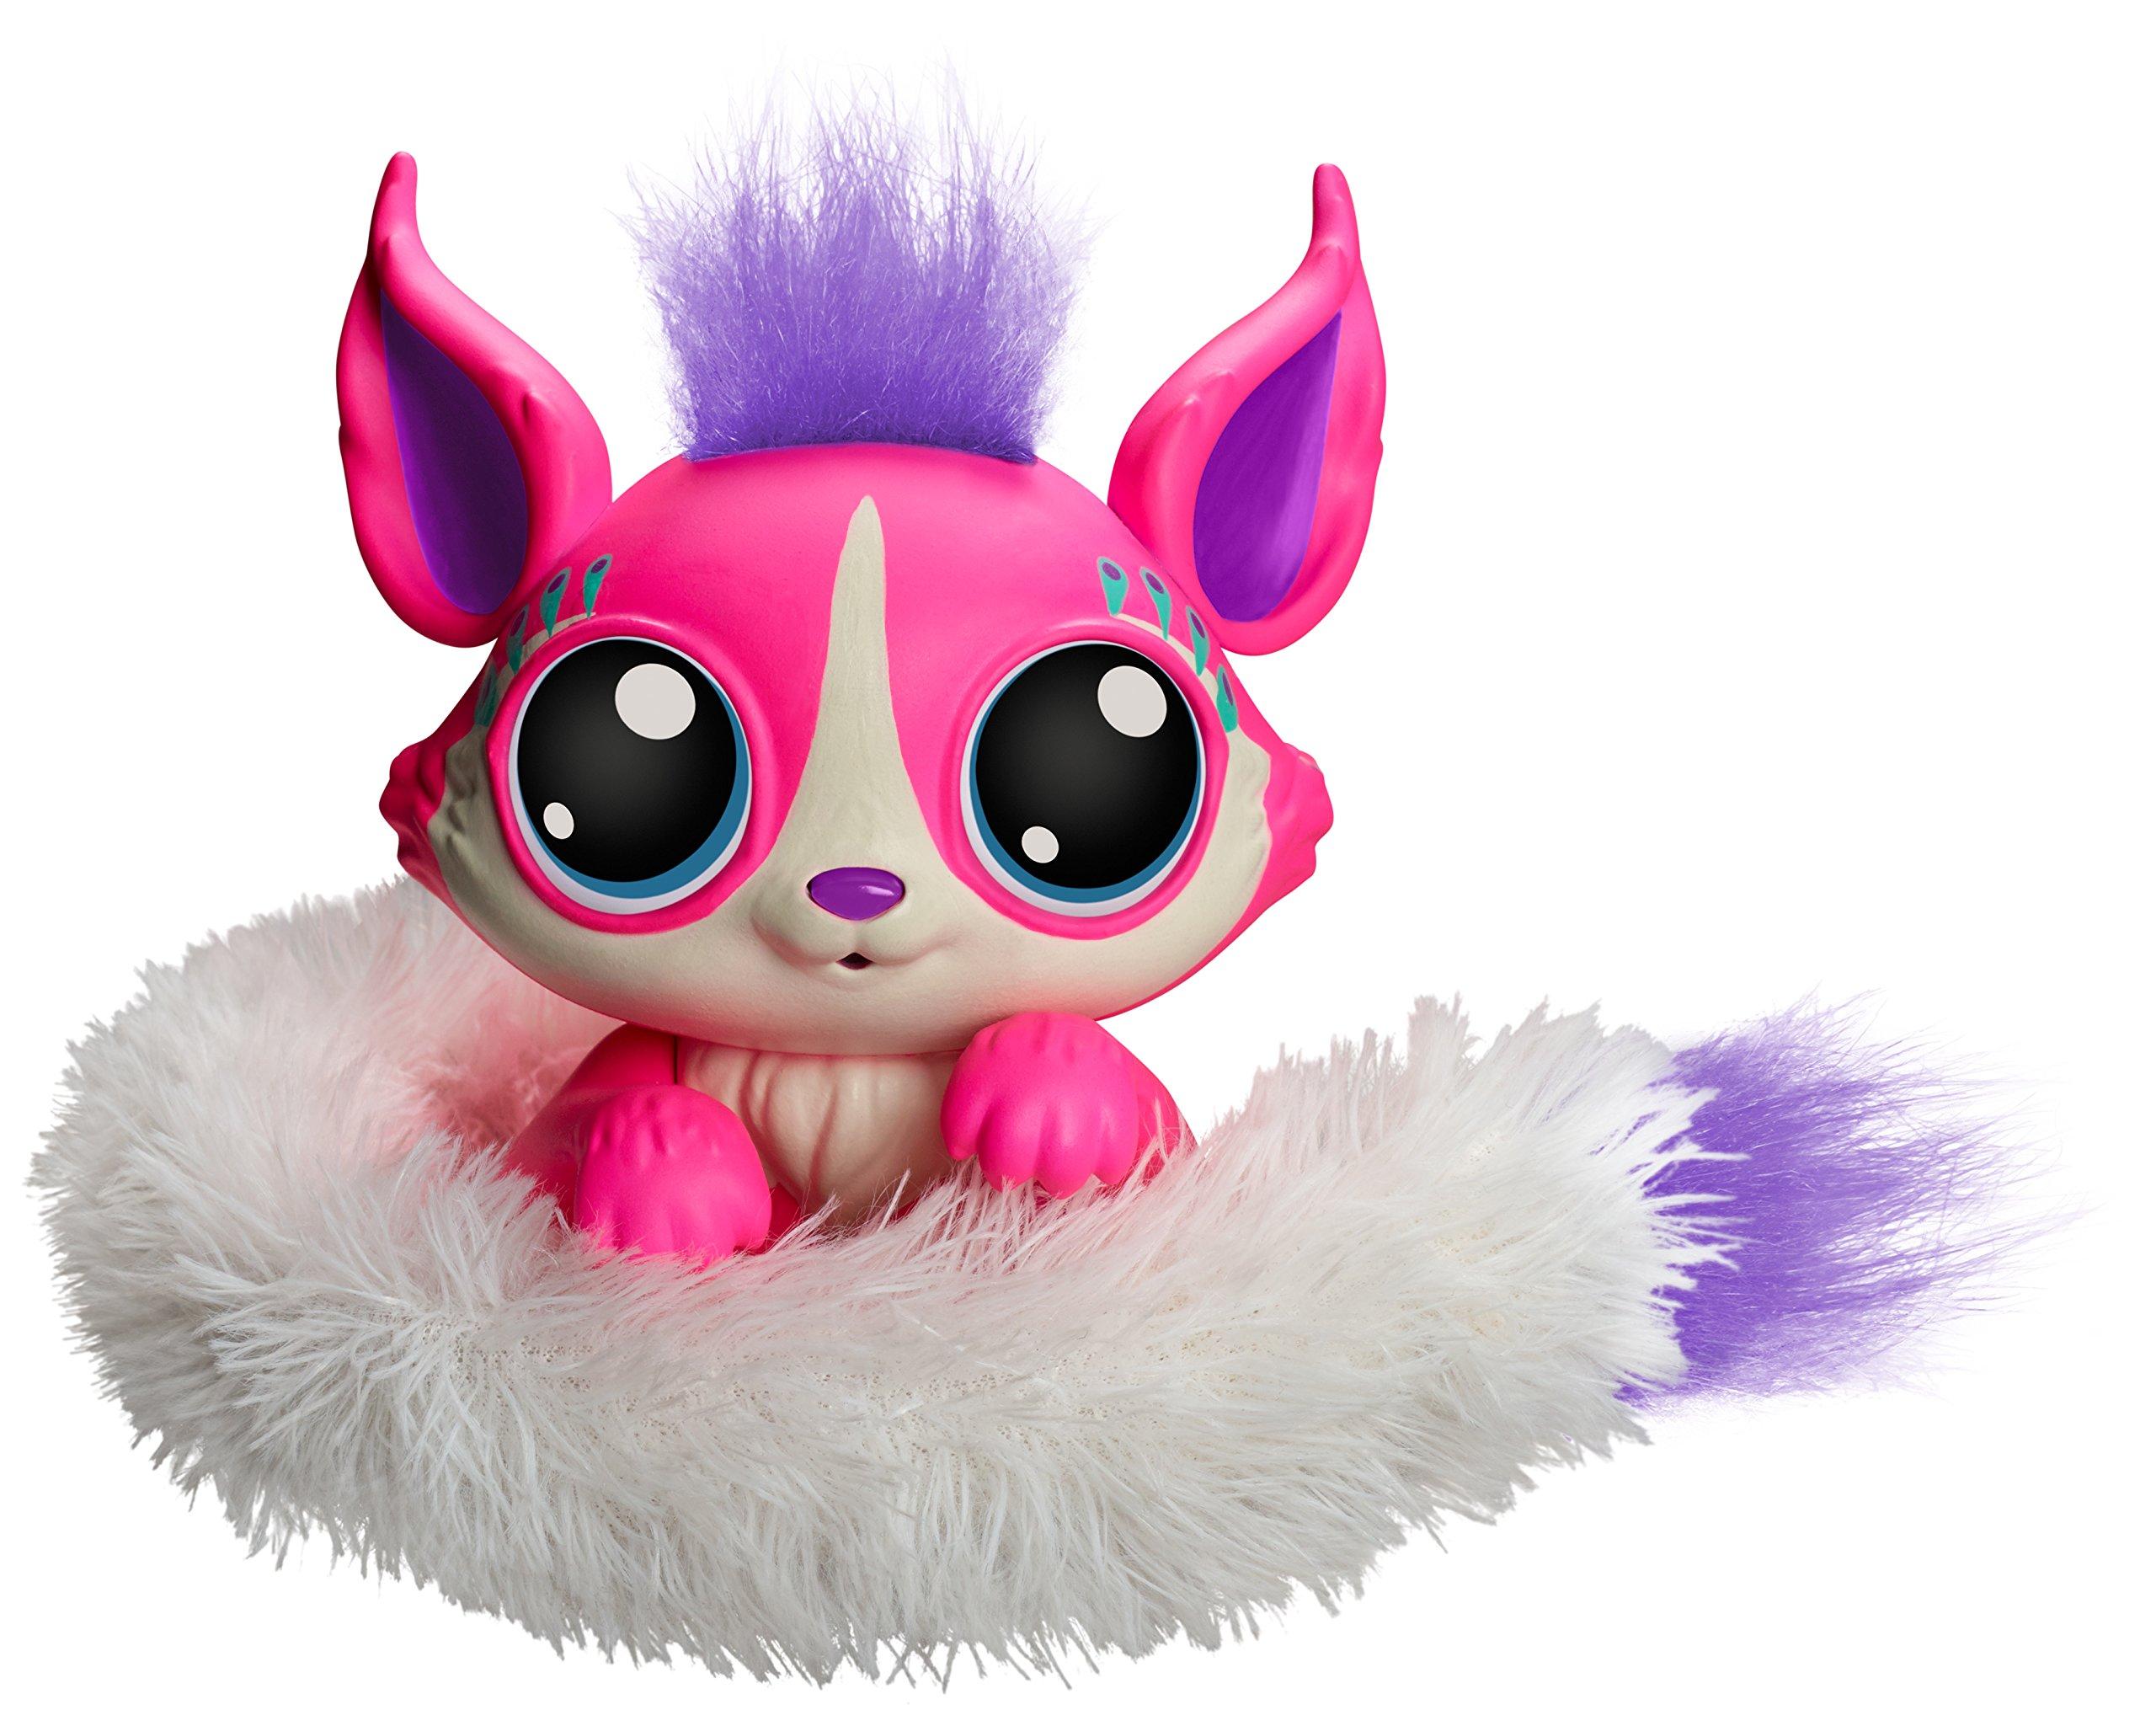 Gleemerz Doll, Pink